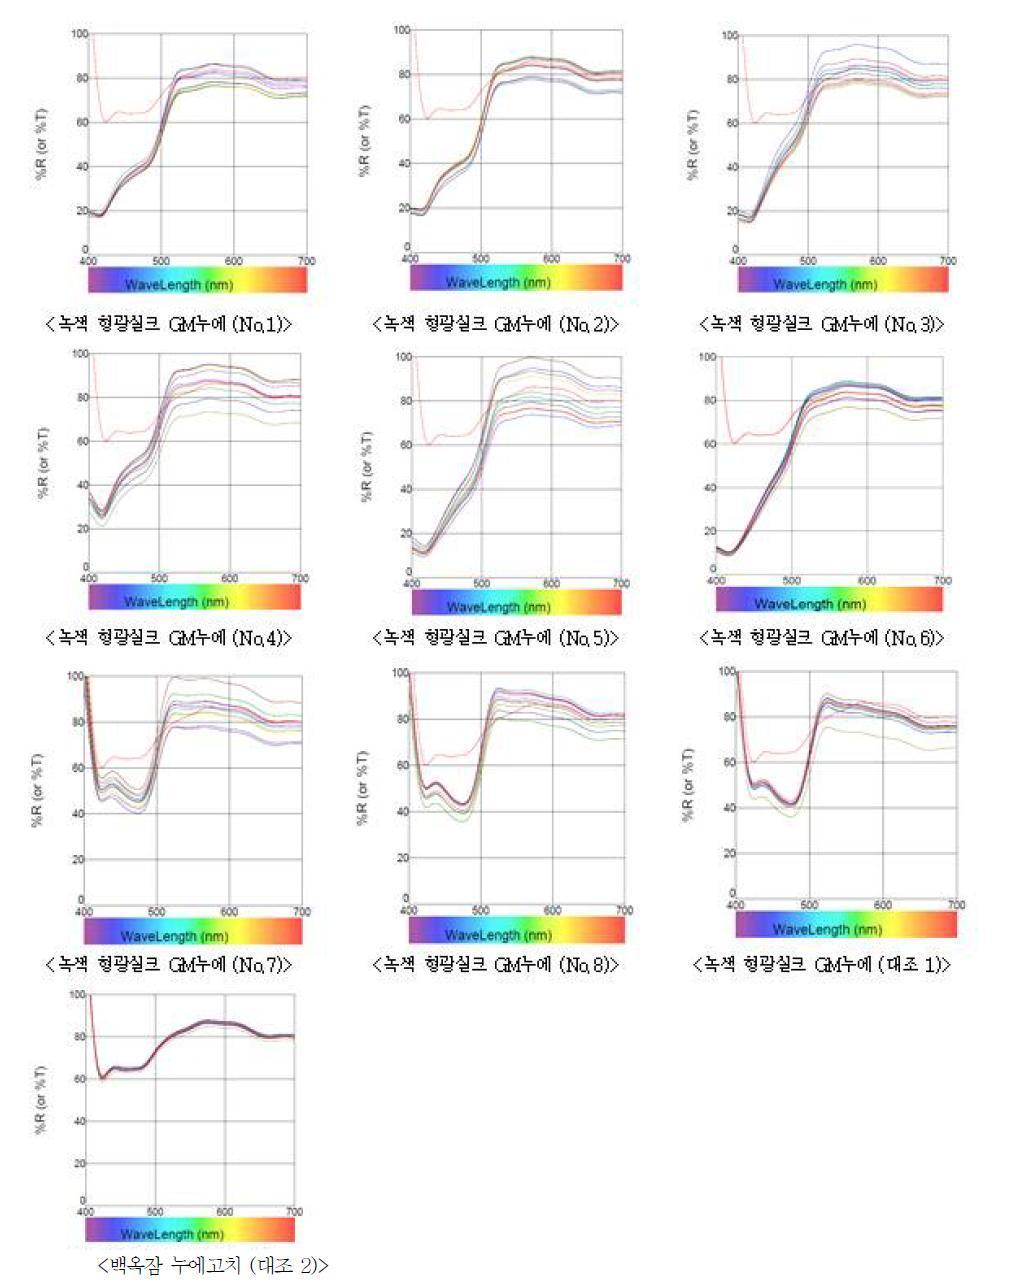 교차교배 조합별 GM누에(F )가 생산한 녹색형광고치의 CIEL lab 색차 비교.